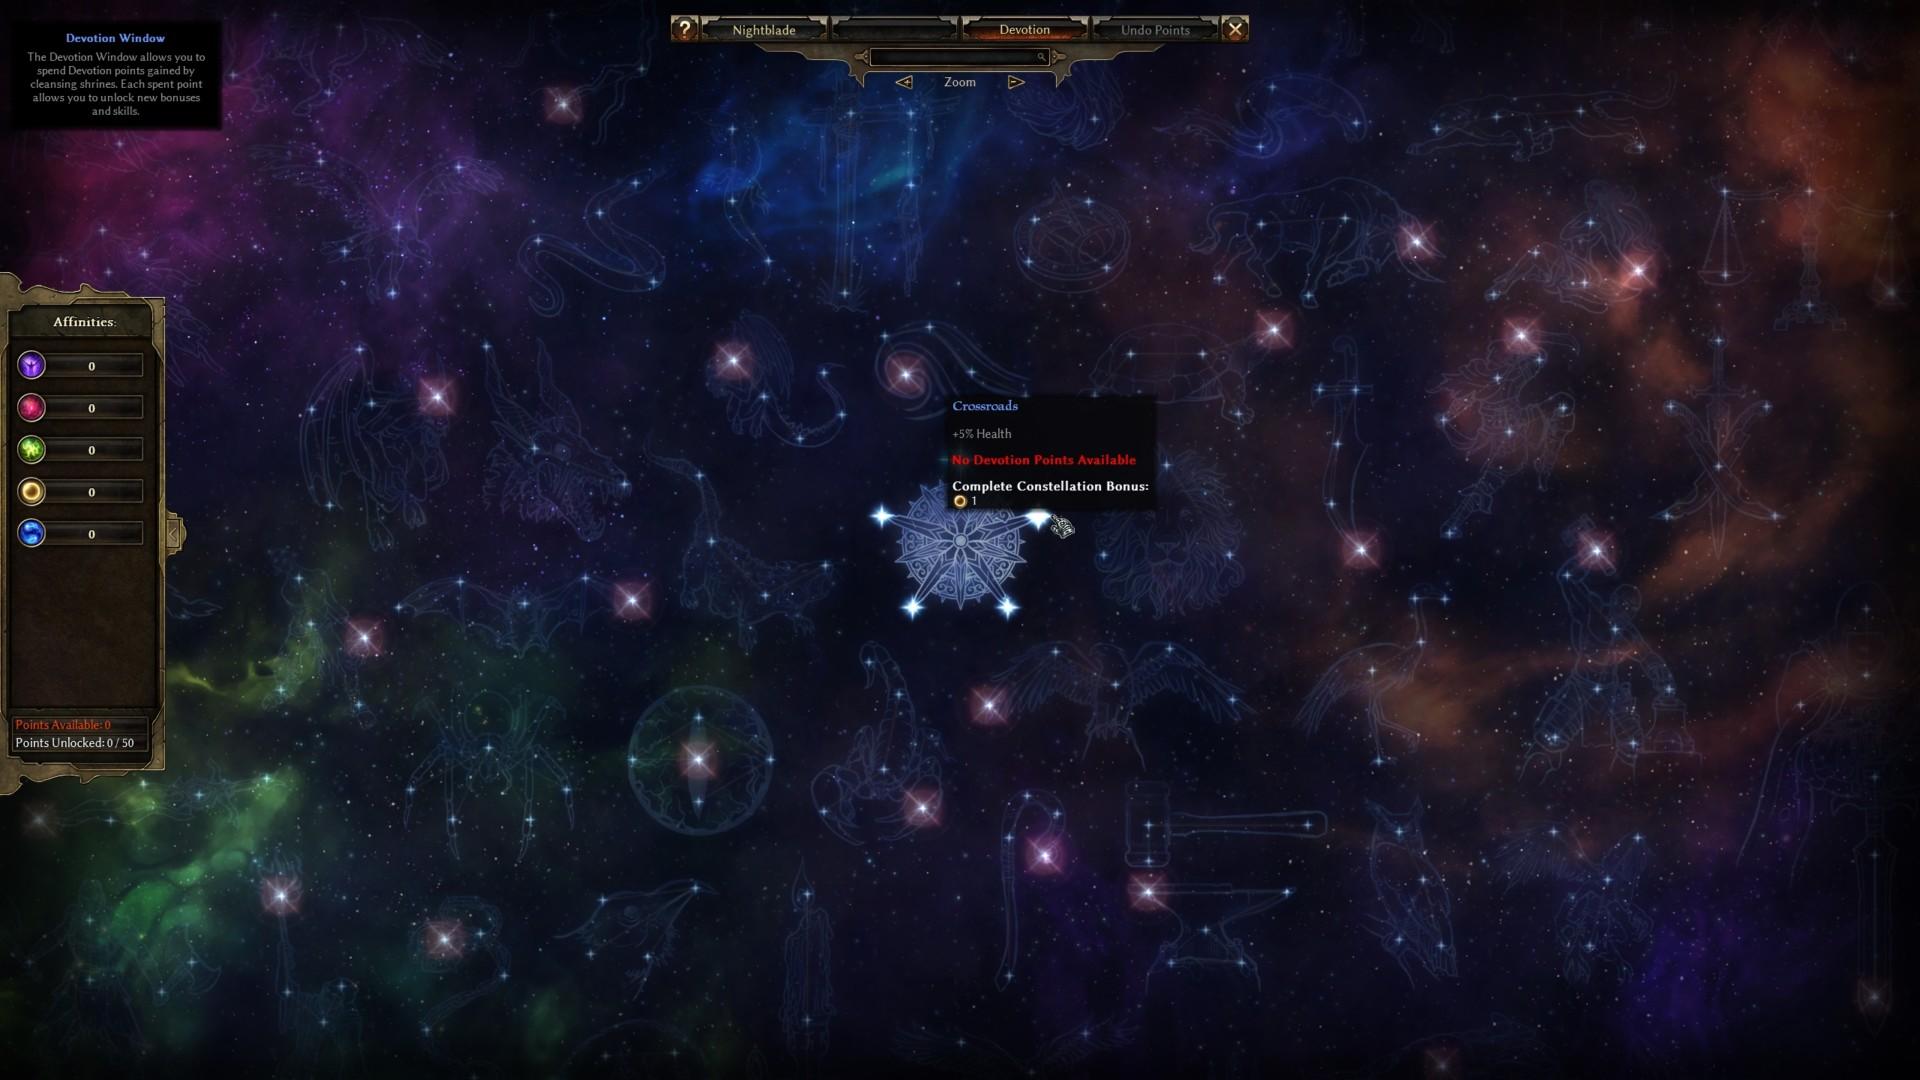 grim-dawn-constellation